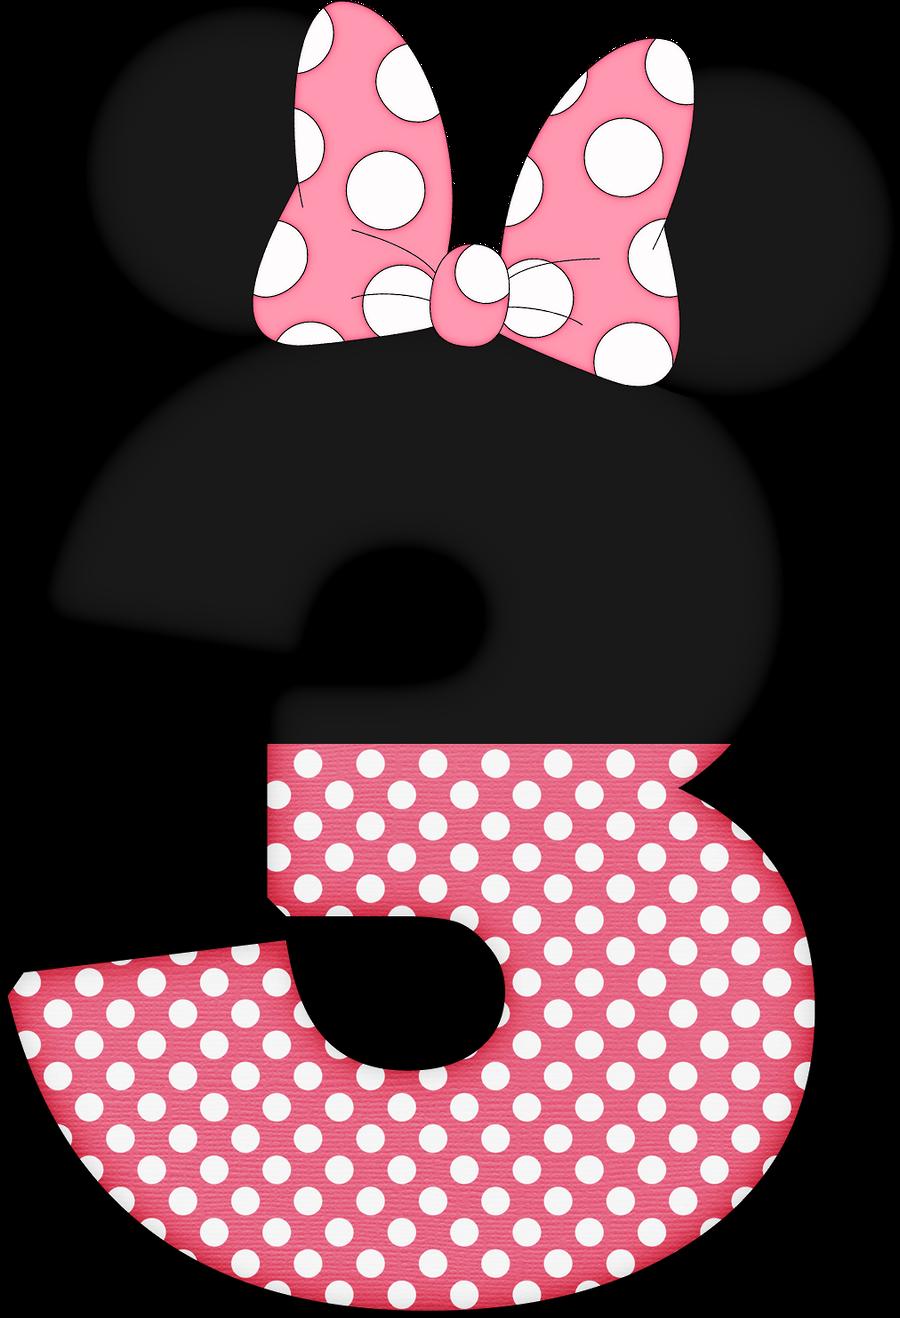 Mickey e minnie si. Dot clipart quote